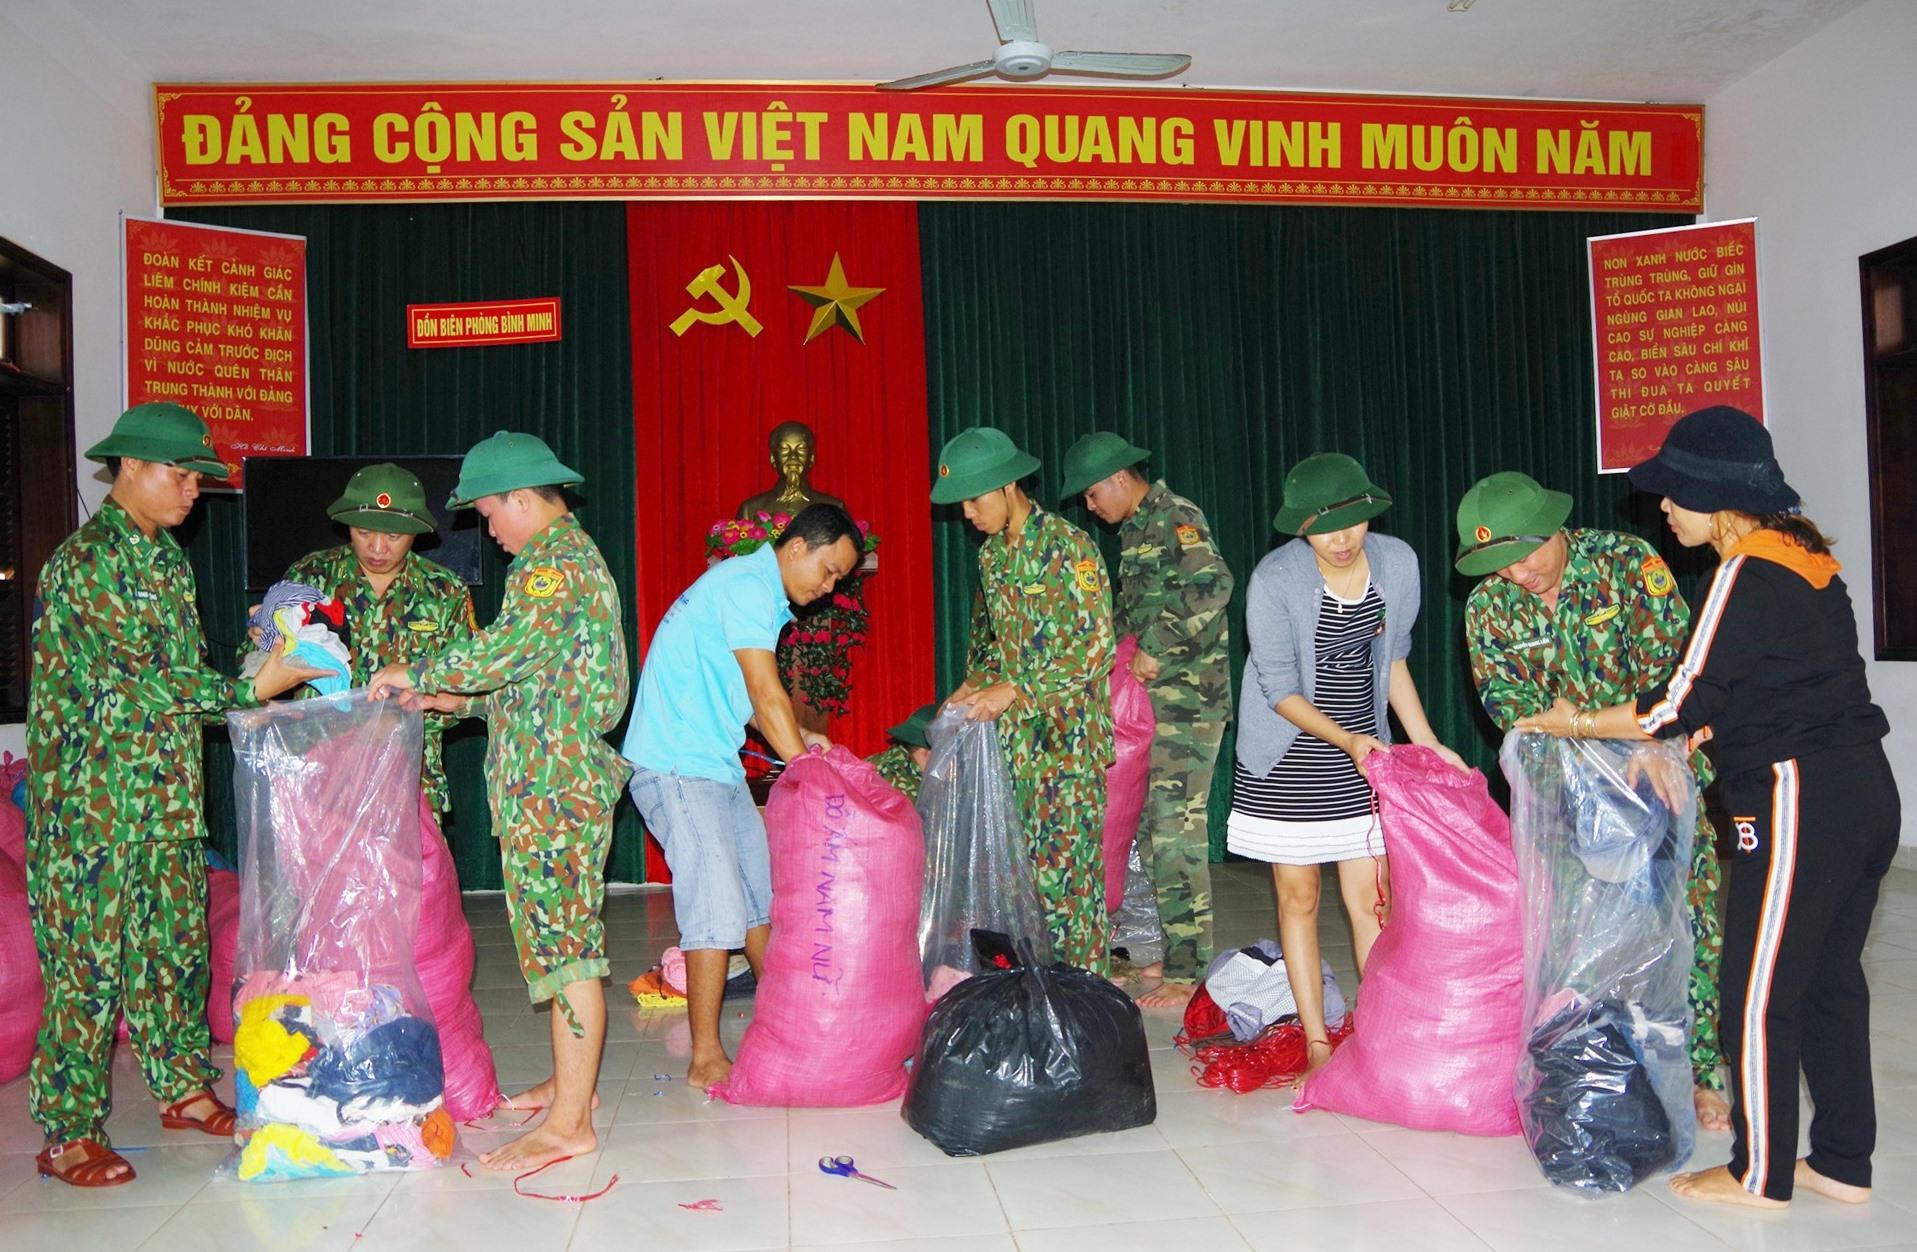 Đồn Biên phòng Bình Minh và nhân dân xã Bình Minh đóng góp quần áo gửi nhân dân 2 xã Phước Lộc, Phước Thành (huyện Phước Sơn). Ảnh: HỒNG ANH